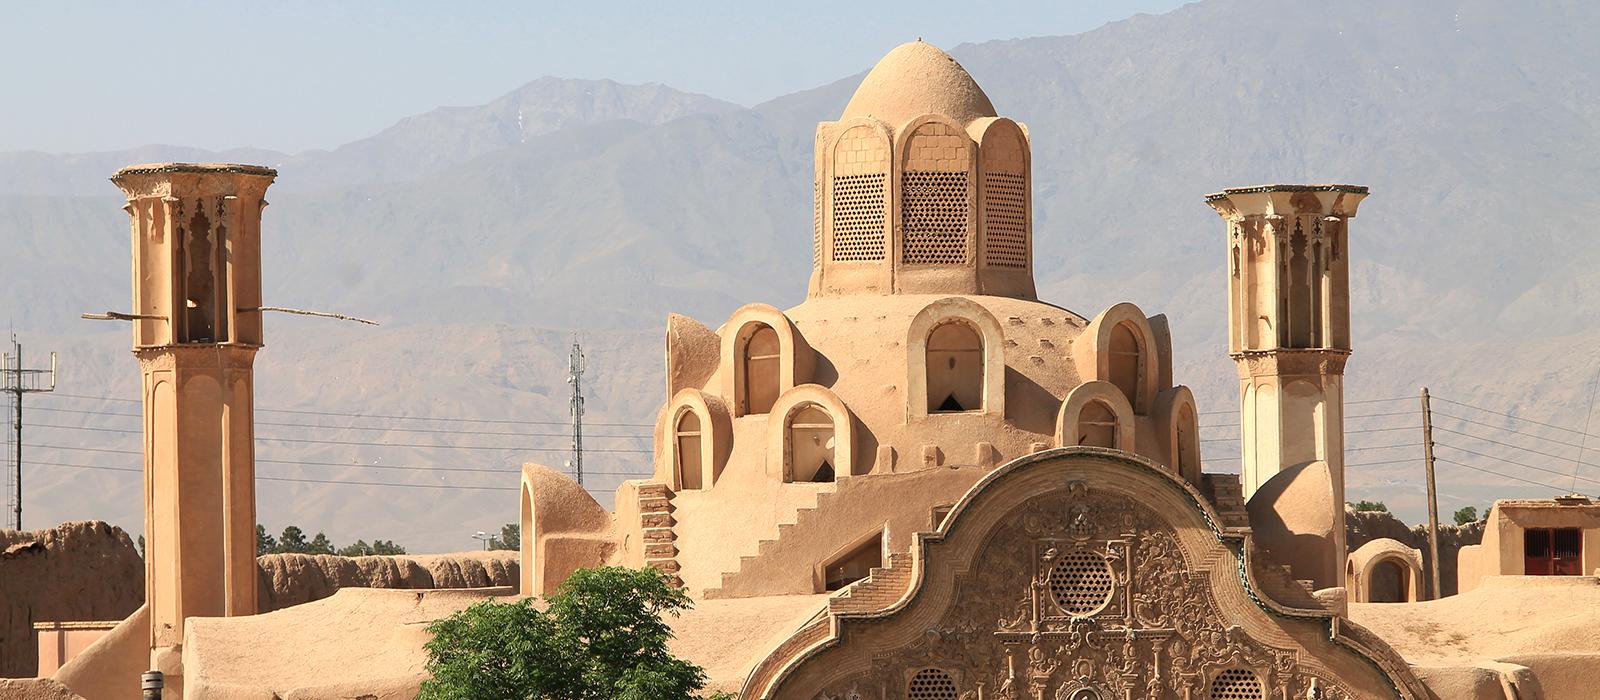 Voyage organisé en petit groupe - Borojerdi's House - Kashan - Iran - Agence de voyage Les Routes du Monde